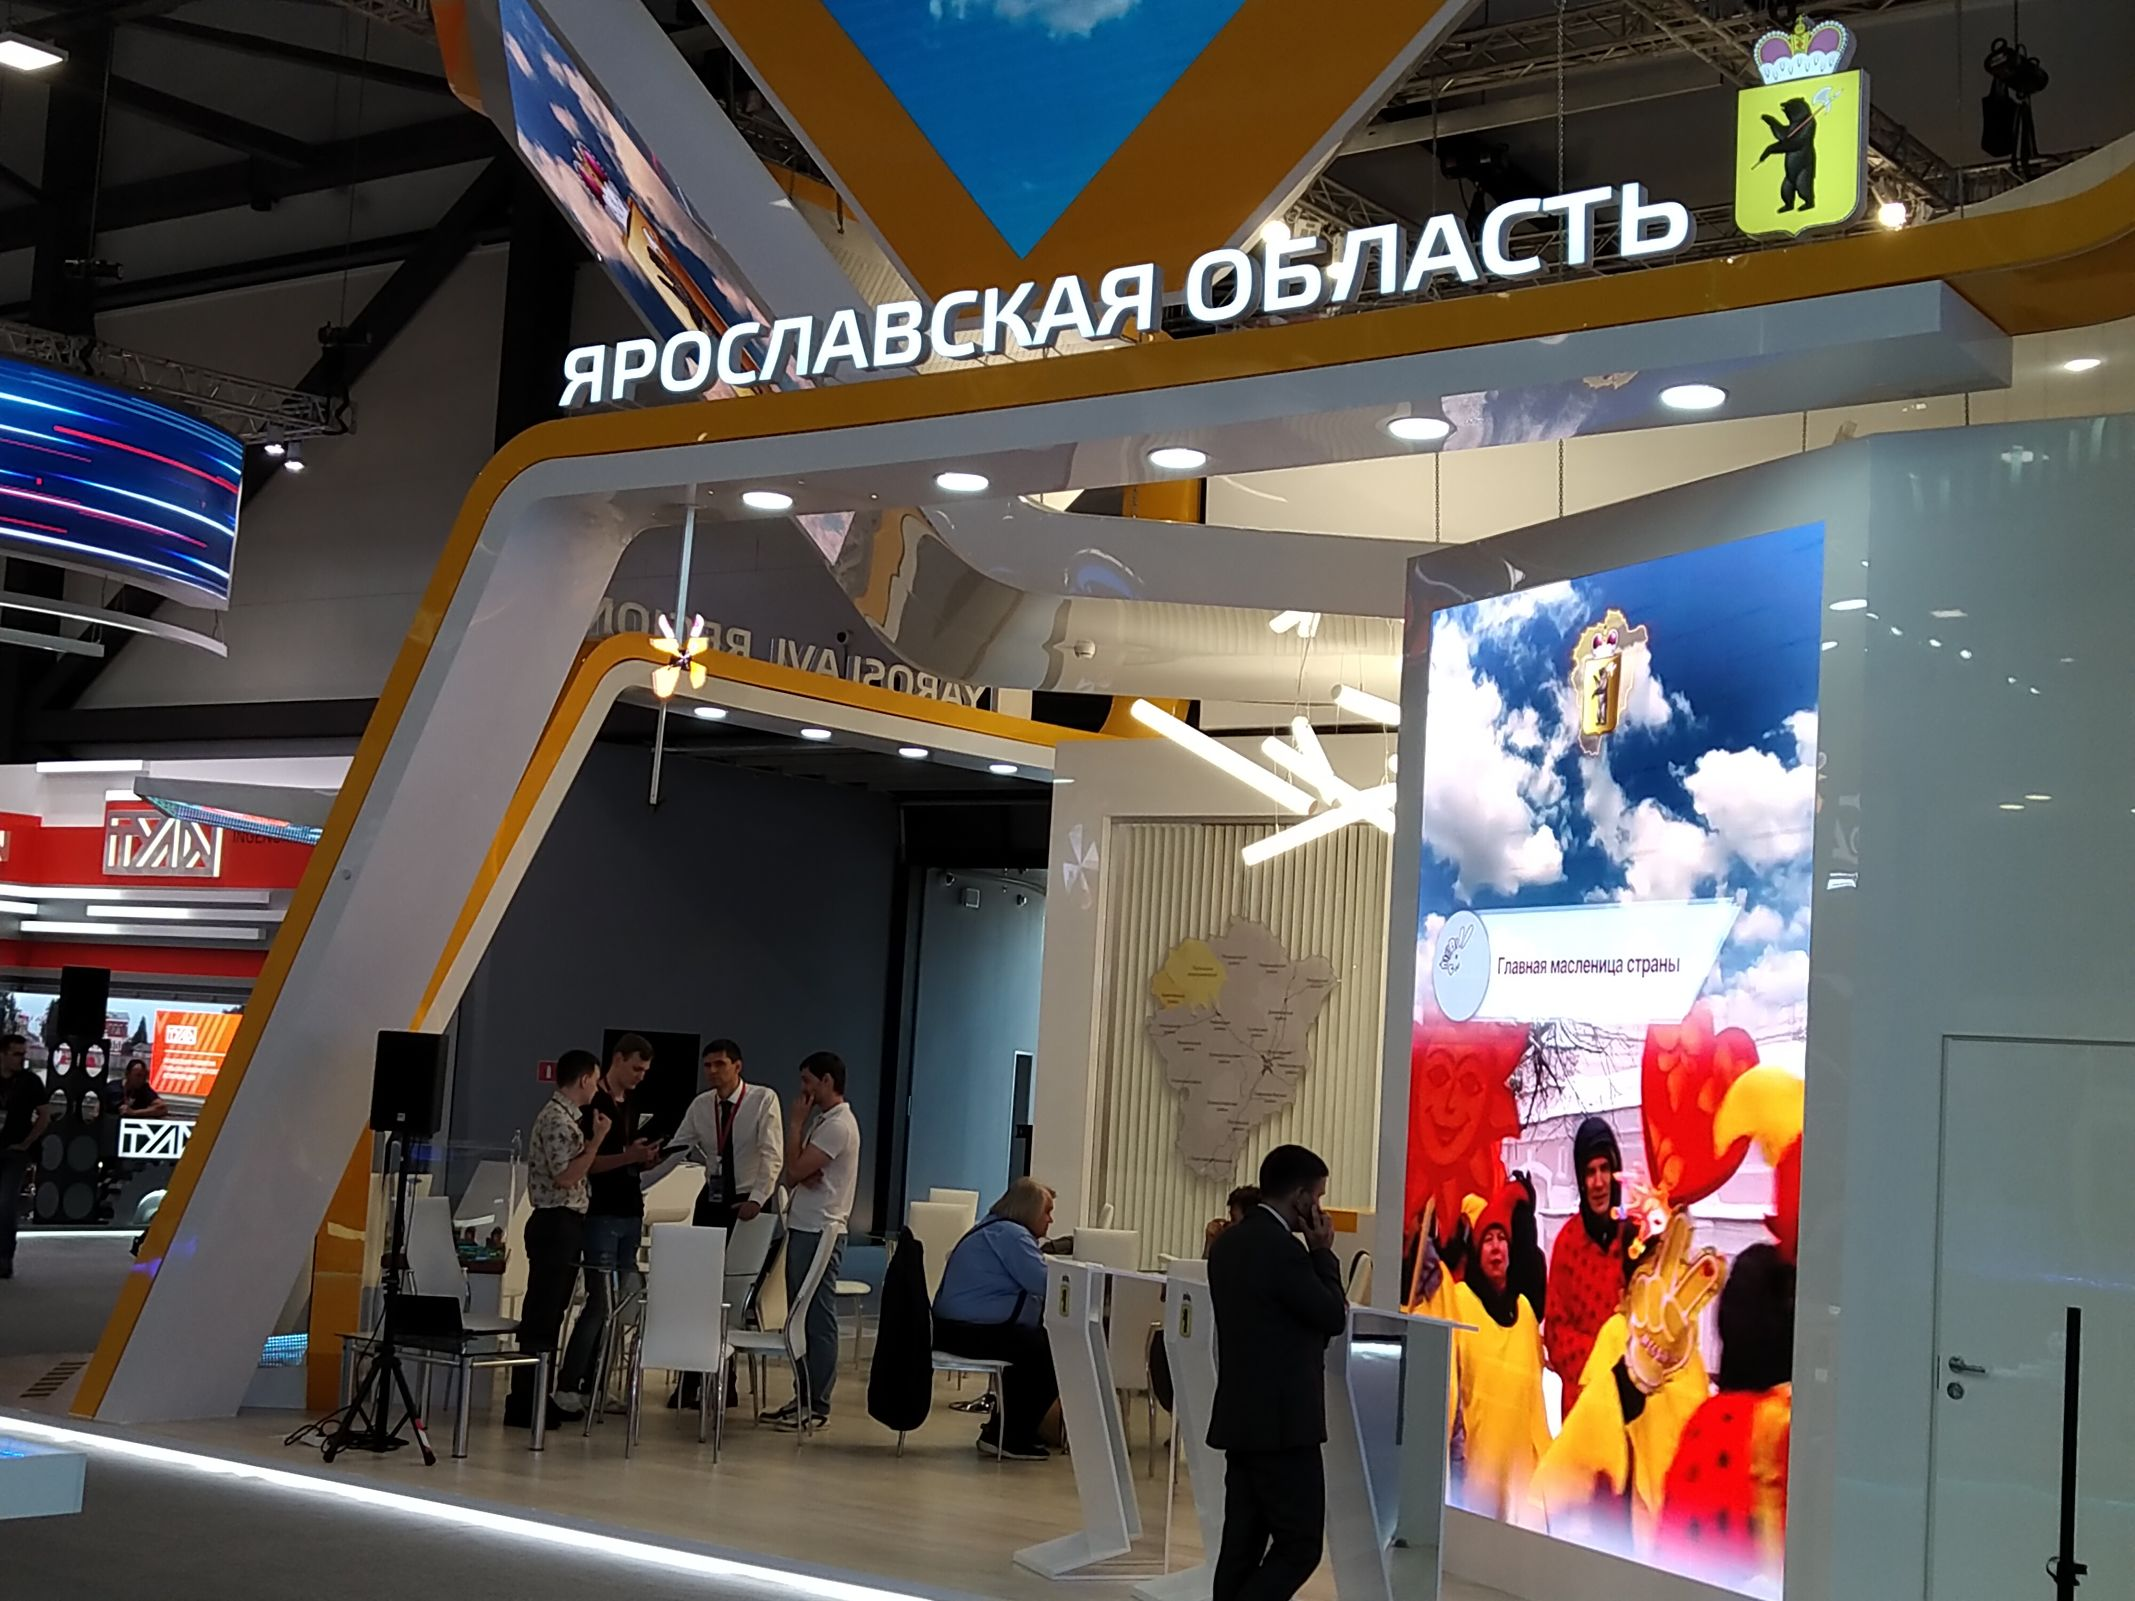 Стенд Ярославской области будет работать на Петербургском экономическом форуме